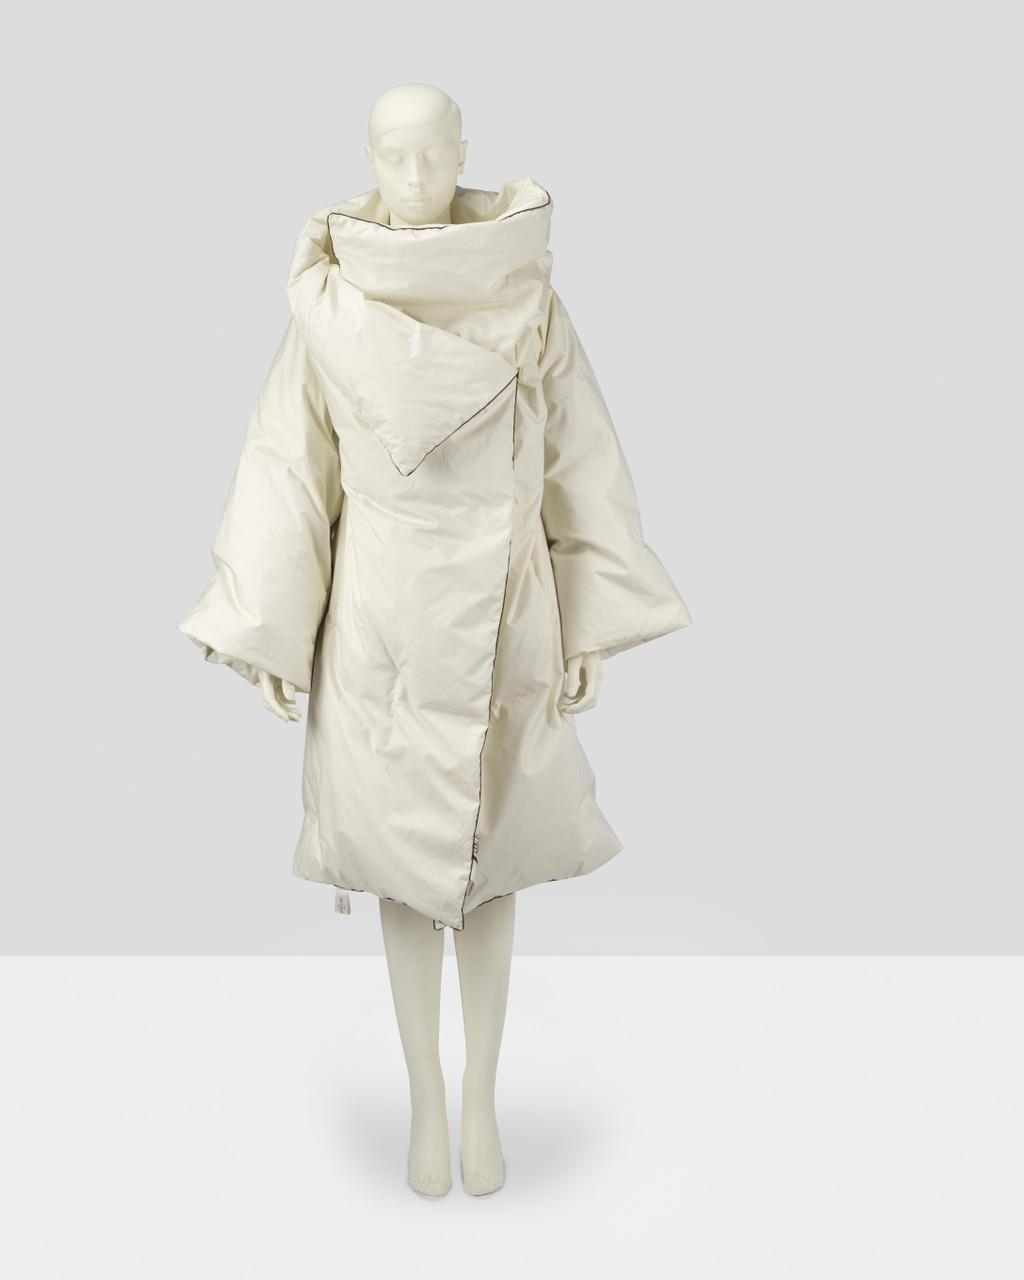 Ensemble 'Dekbedjas' bestaande uit jas, laken, hoes en ceintuur